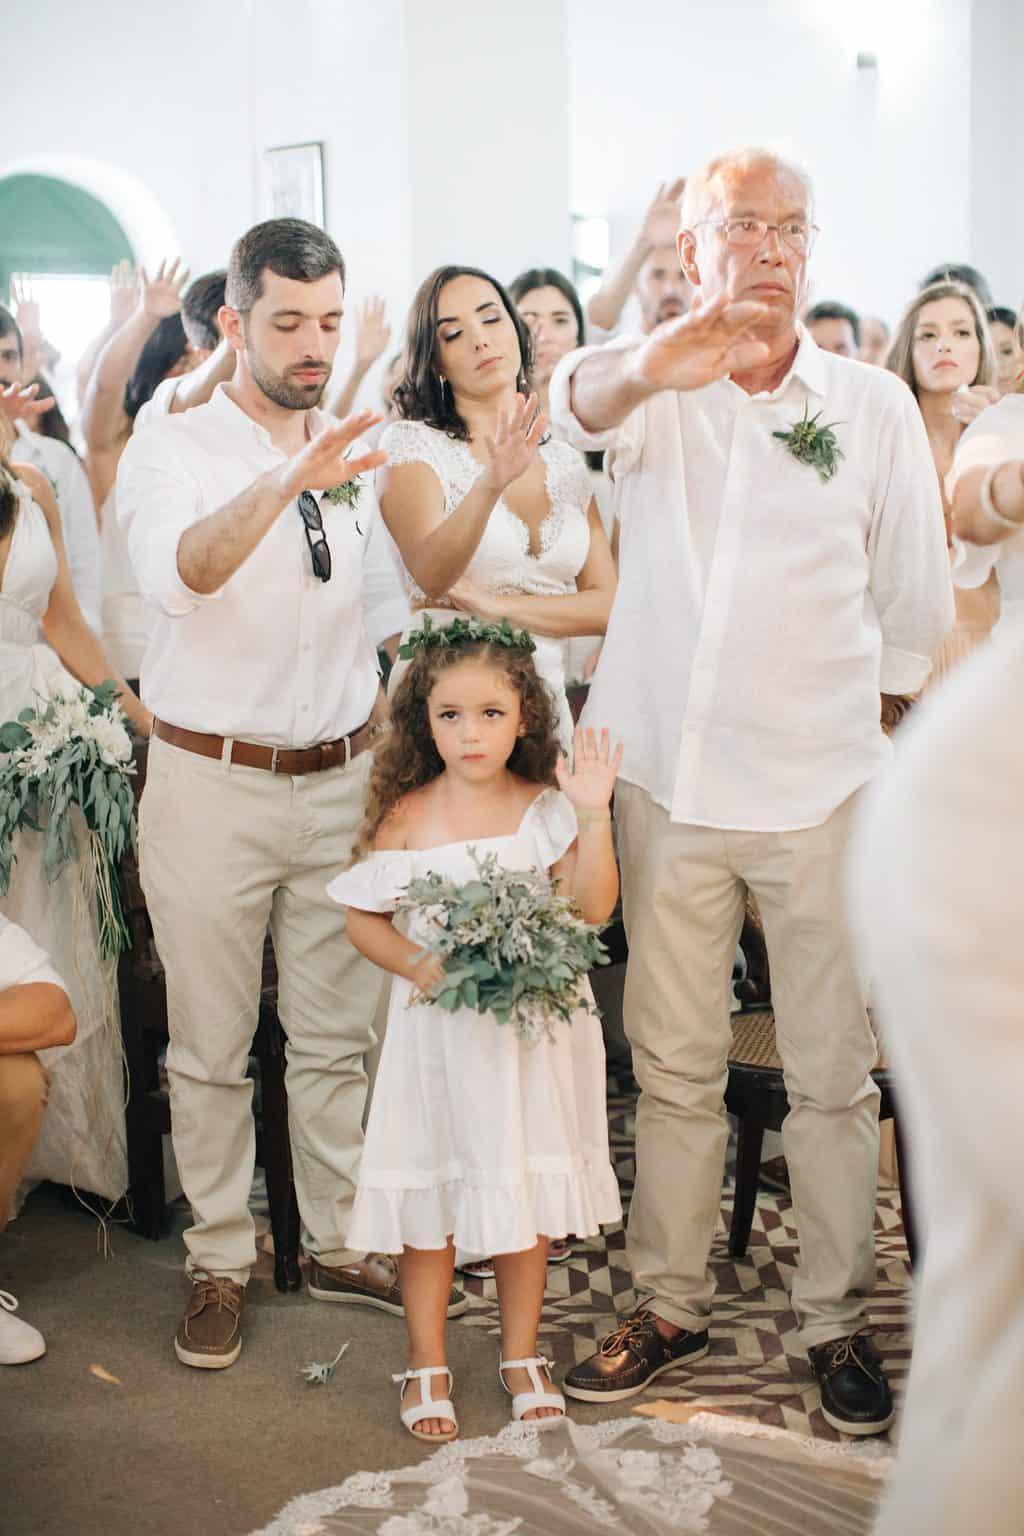 casamento-Danielle-e-Guilherme-aloha-fotografia-caseme-98